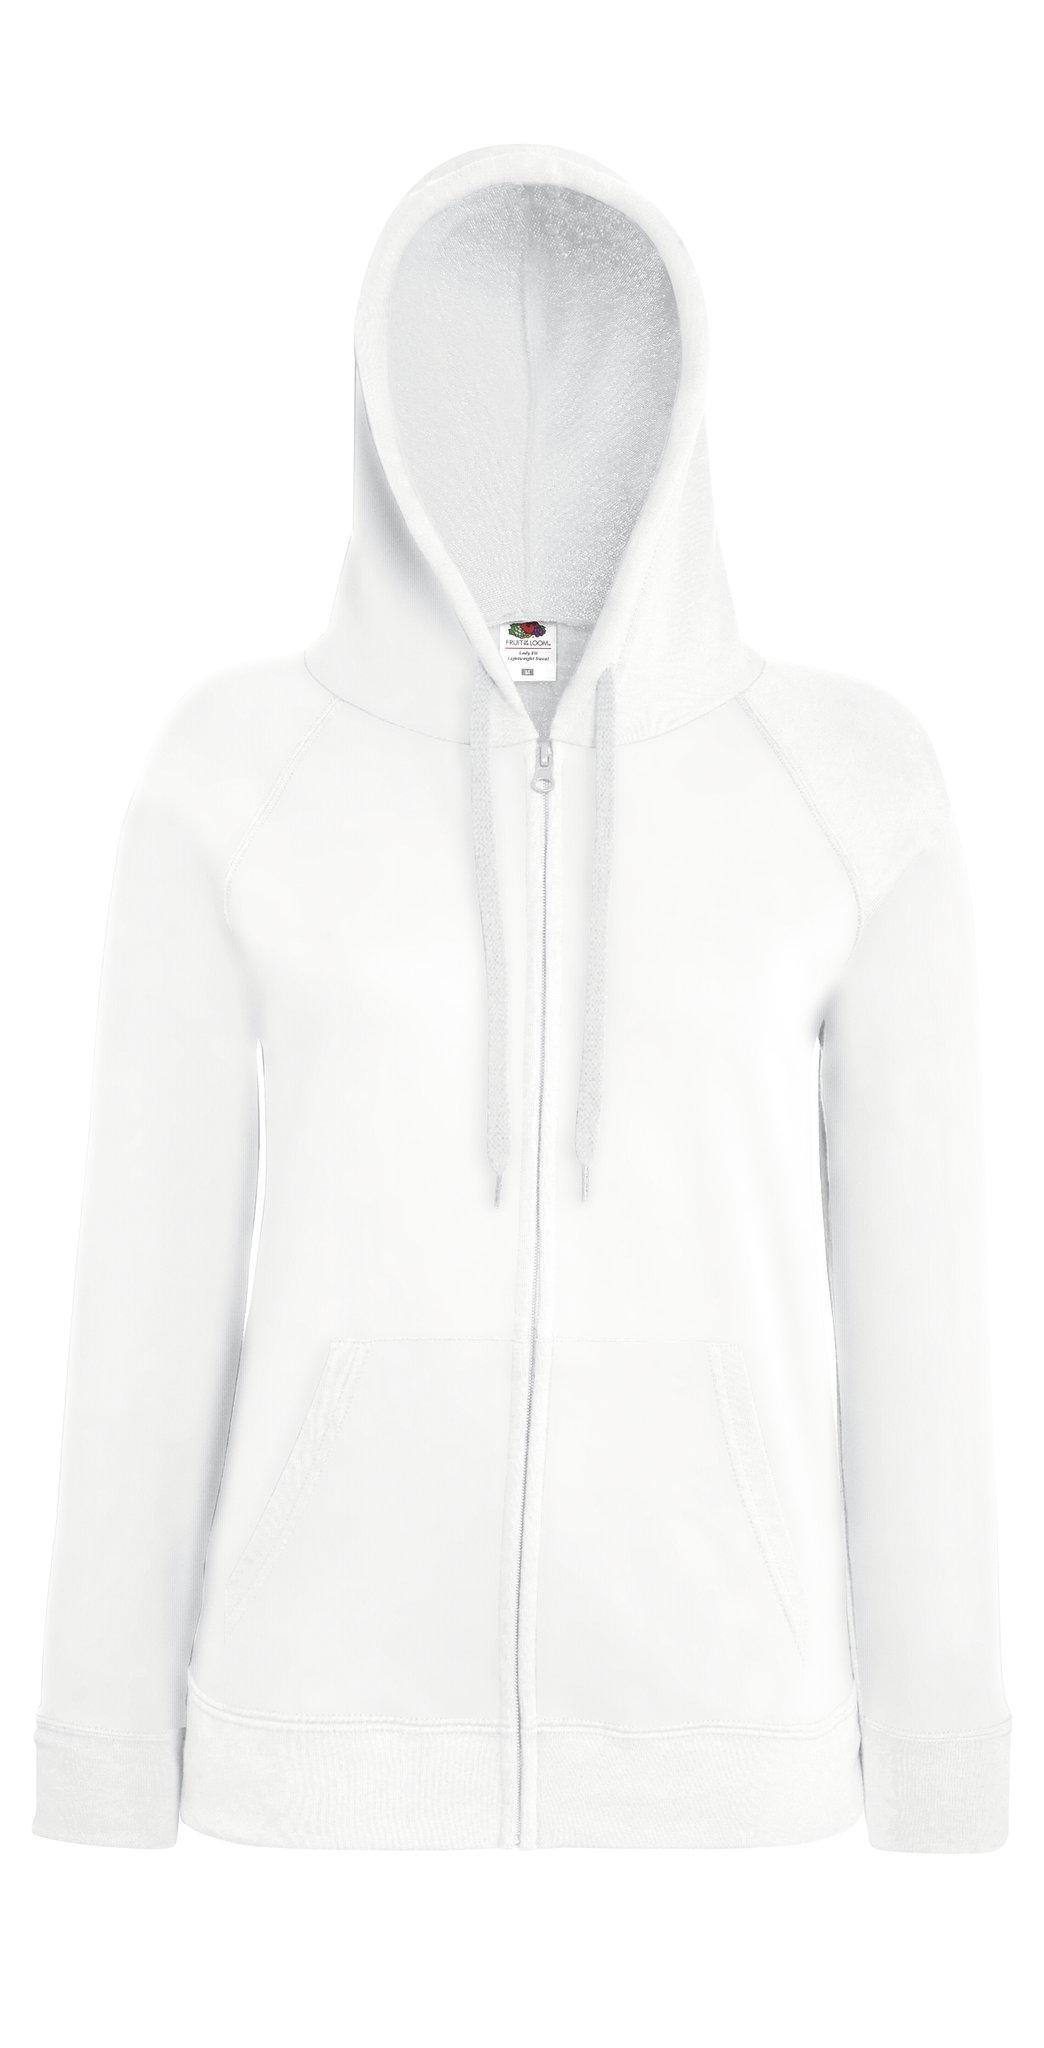 Sweatshirt à capuche personnalisable Lightweight hood gris clair pour femme